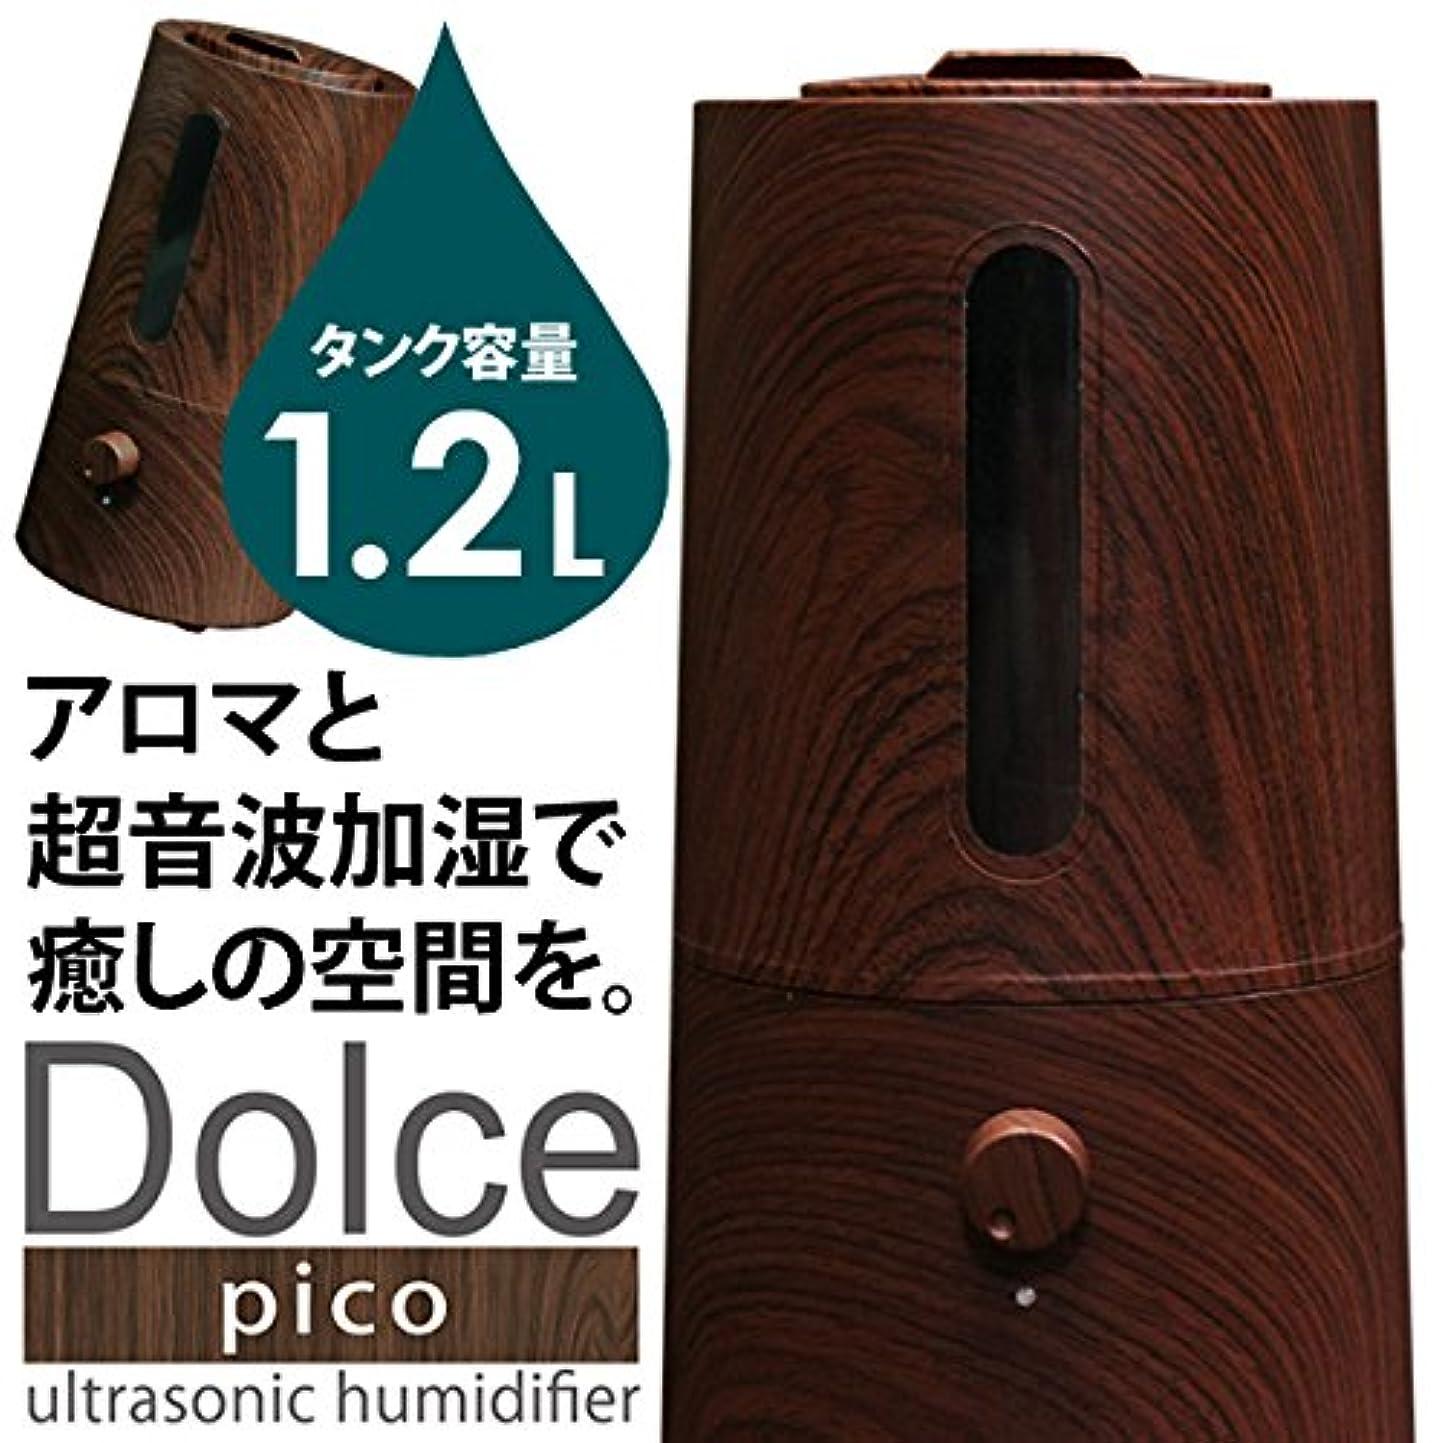 くさびスクワイアいつか超音波加湿器Dolce pico ドルチェピコ【木目調】